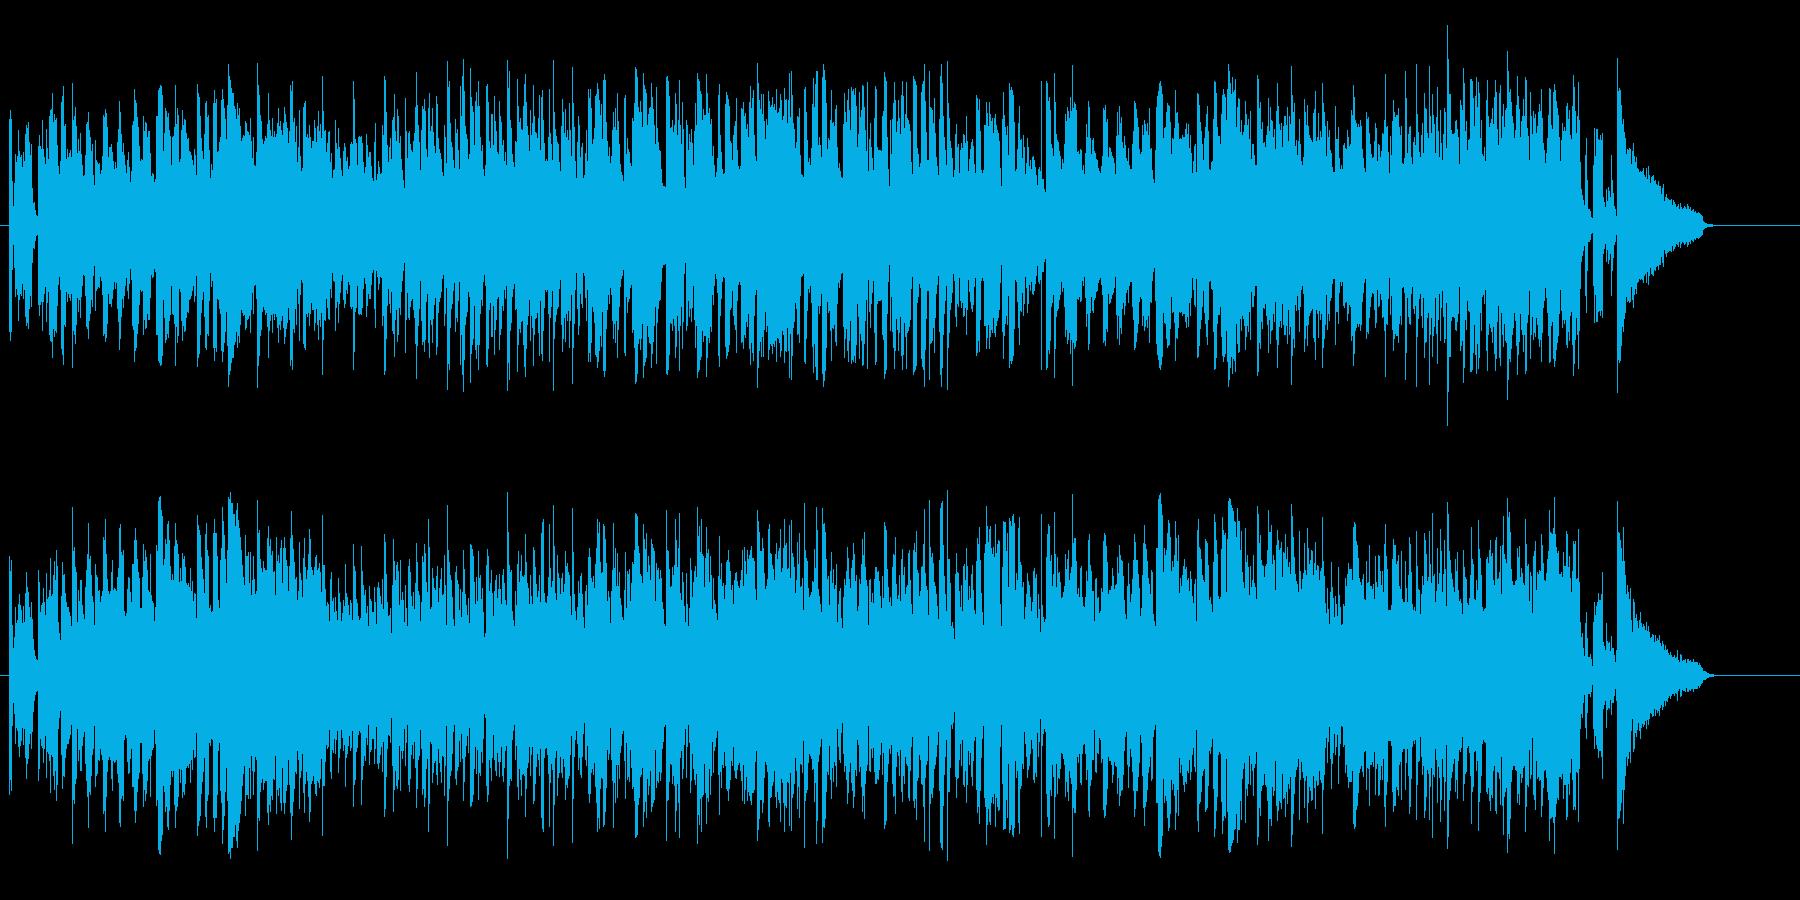 店内BG向けのほのぼのとしたジャズの再生済みの波形